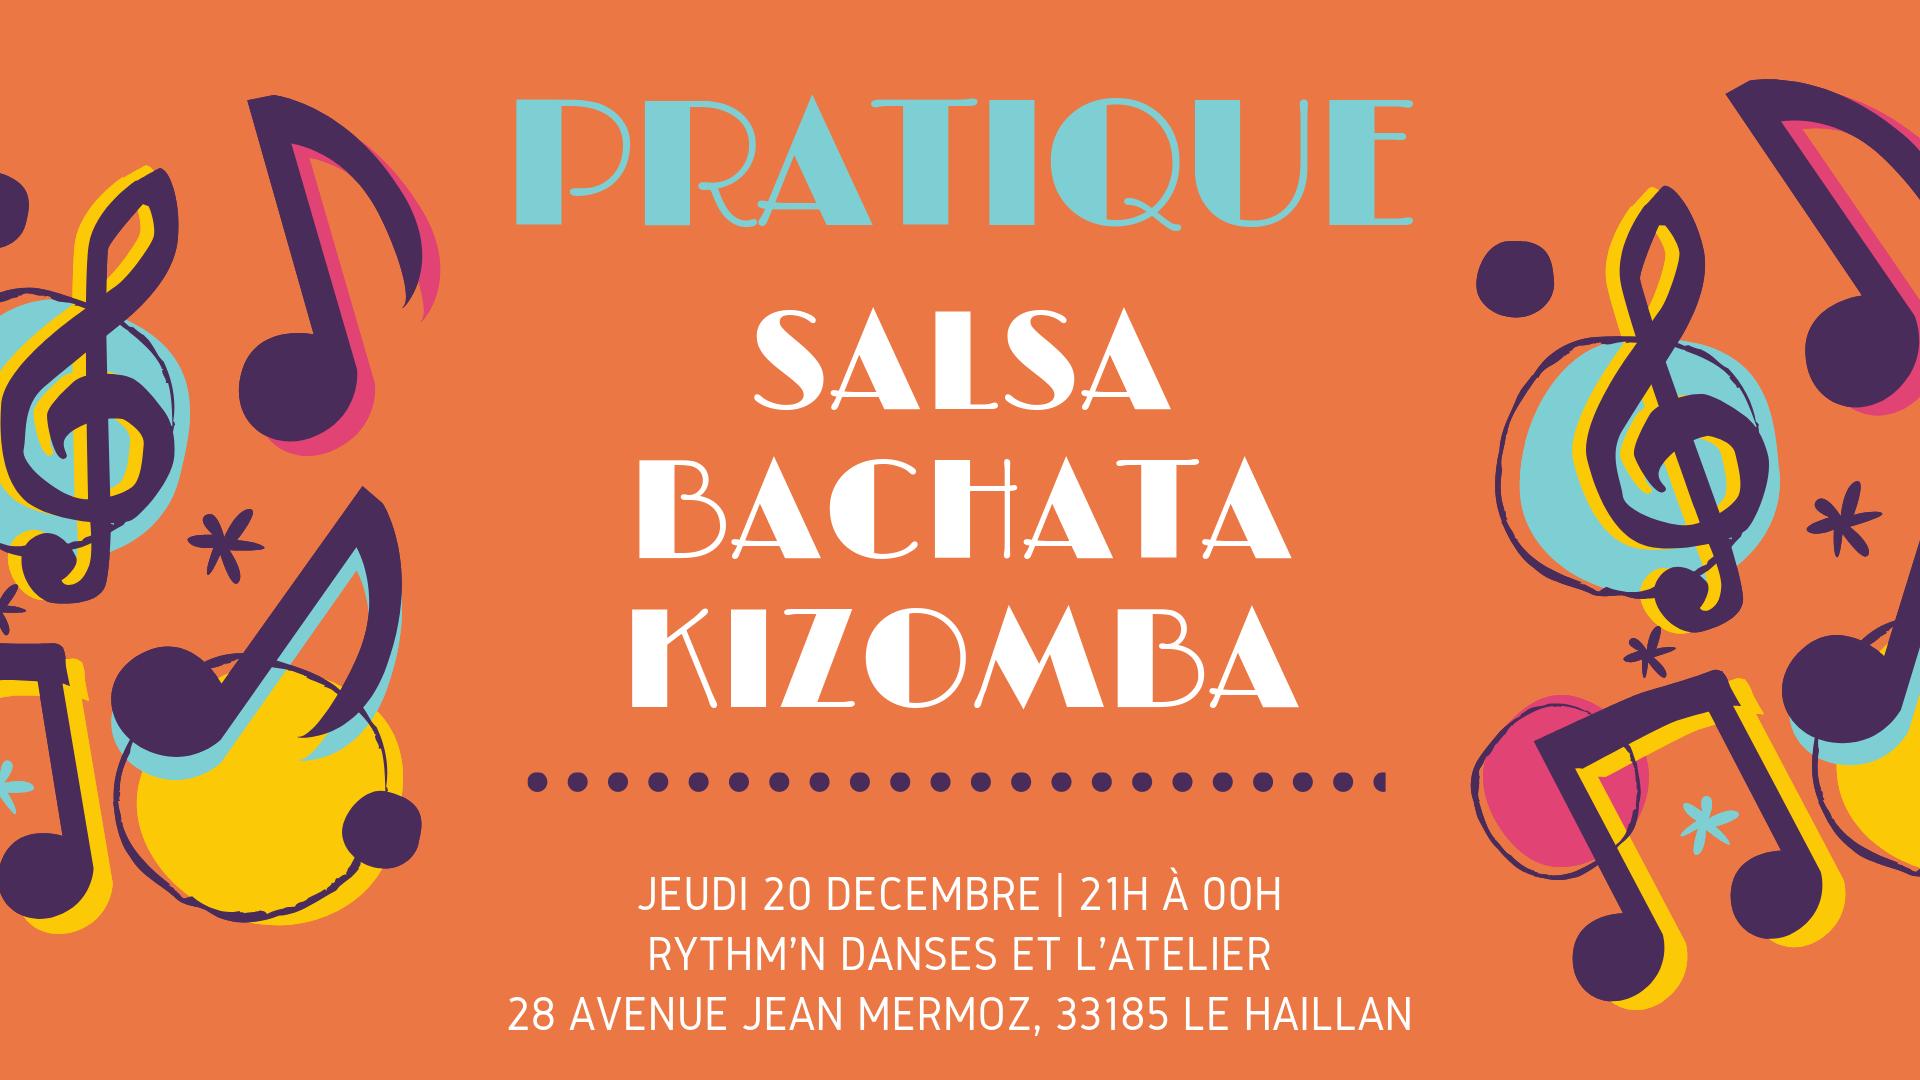 Pratique Salsa, Bachata, Kizomba avec Anna et Igor